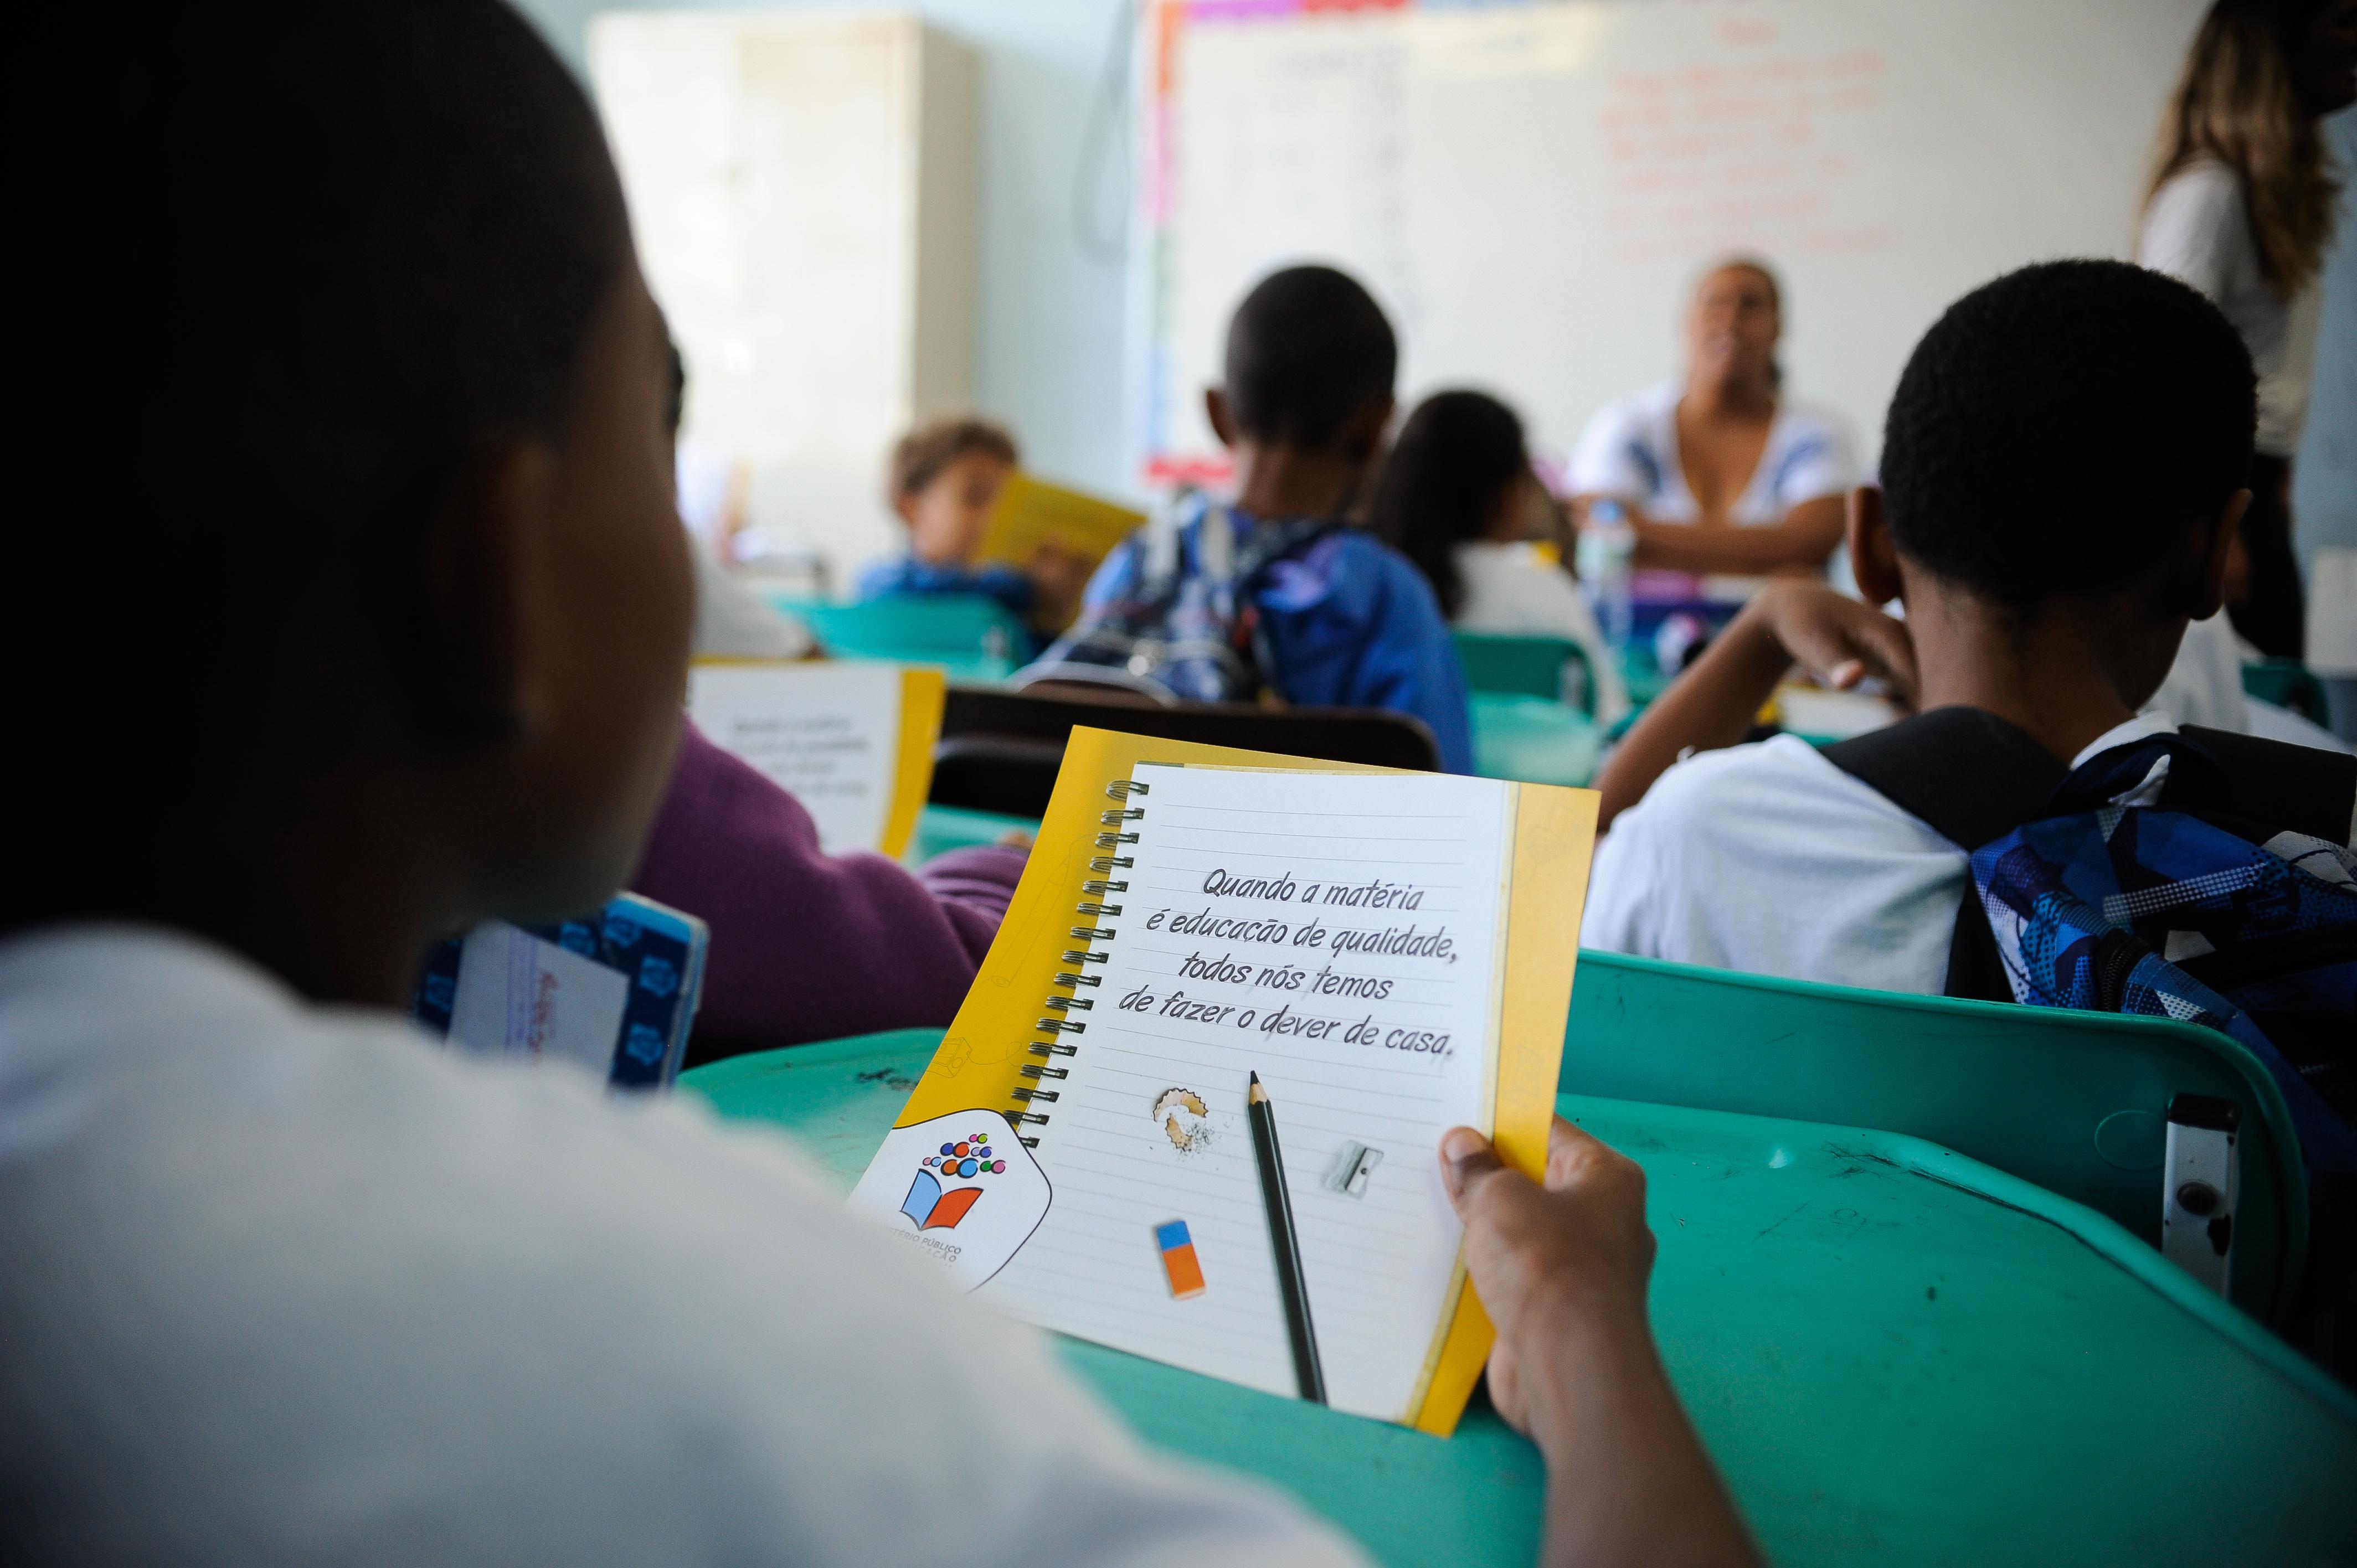 Ministério Público visita escolas no Dia Internacional da Educação